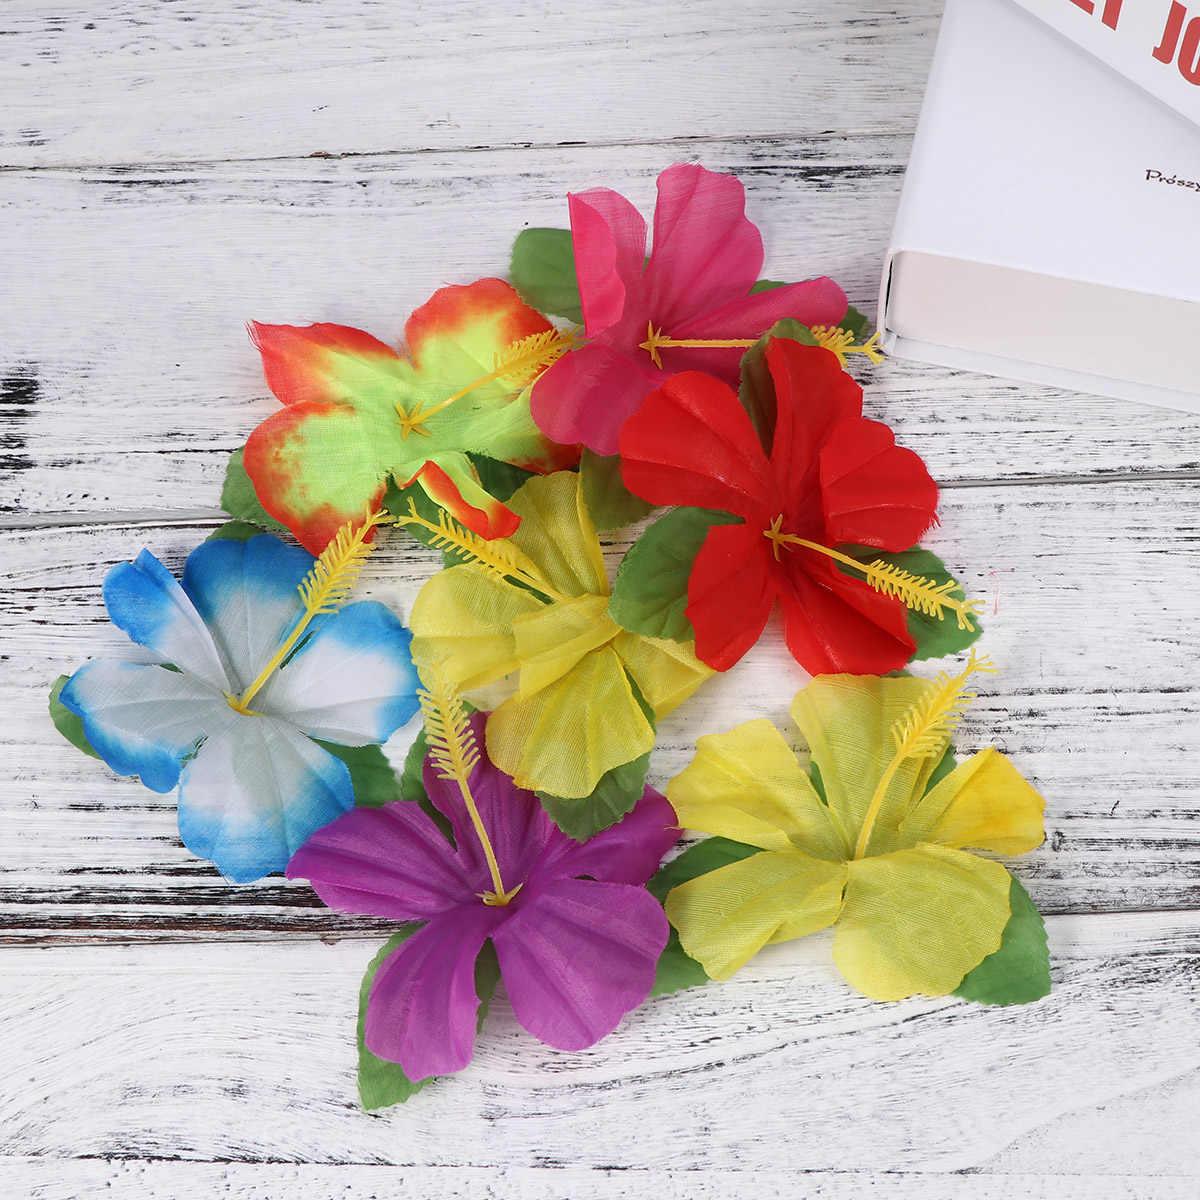 24 шт. Гавайские цветы Гибискус мутабилис красочные живой искусственный цветок для вечерние украшения стола банкет свадьба